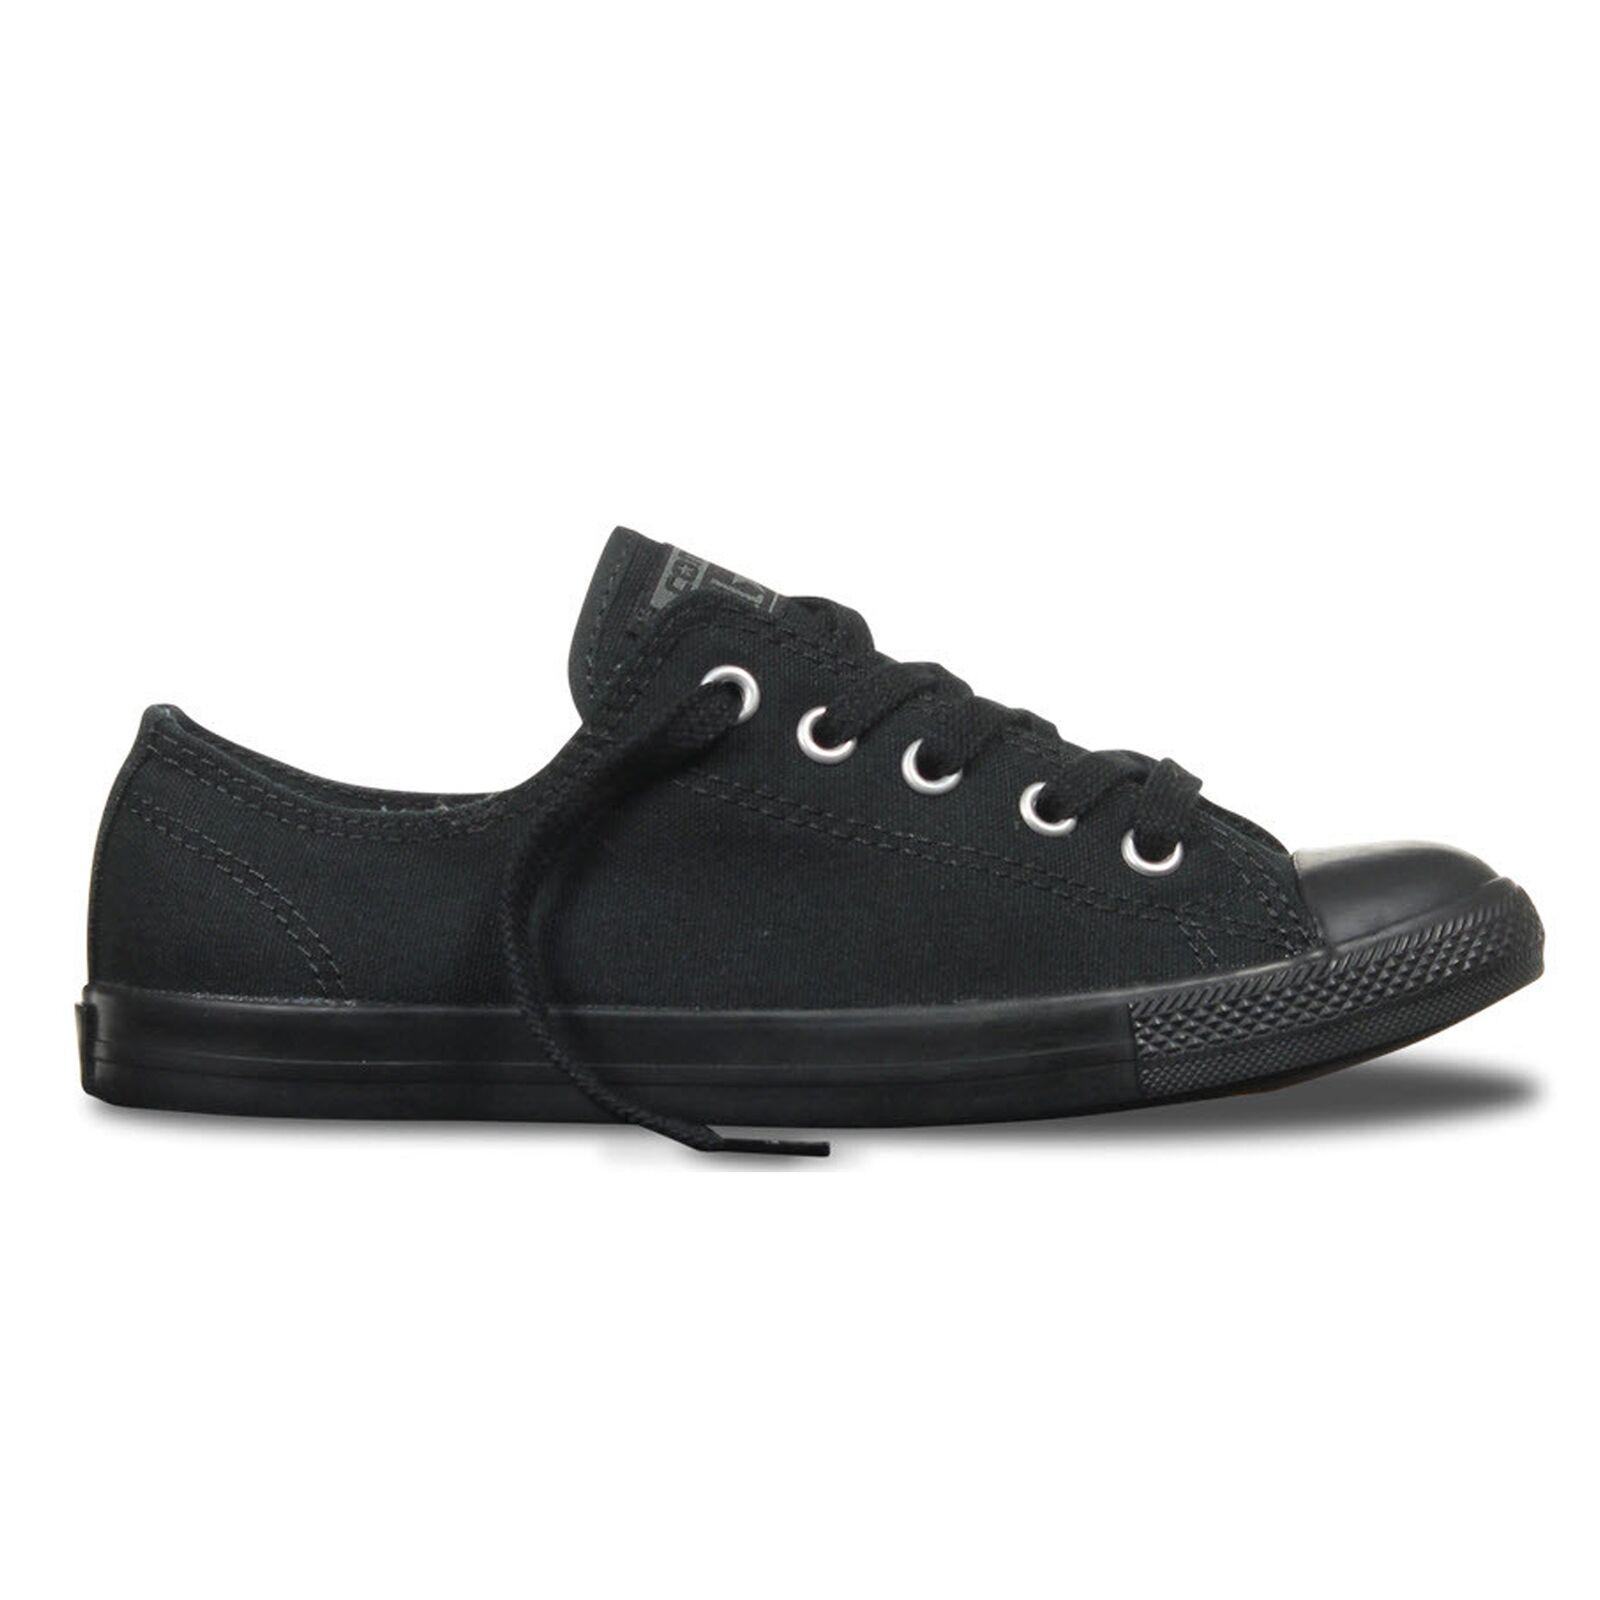 Converse - CTAS Dainty OX Black 532354C